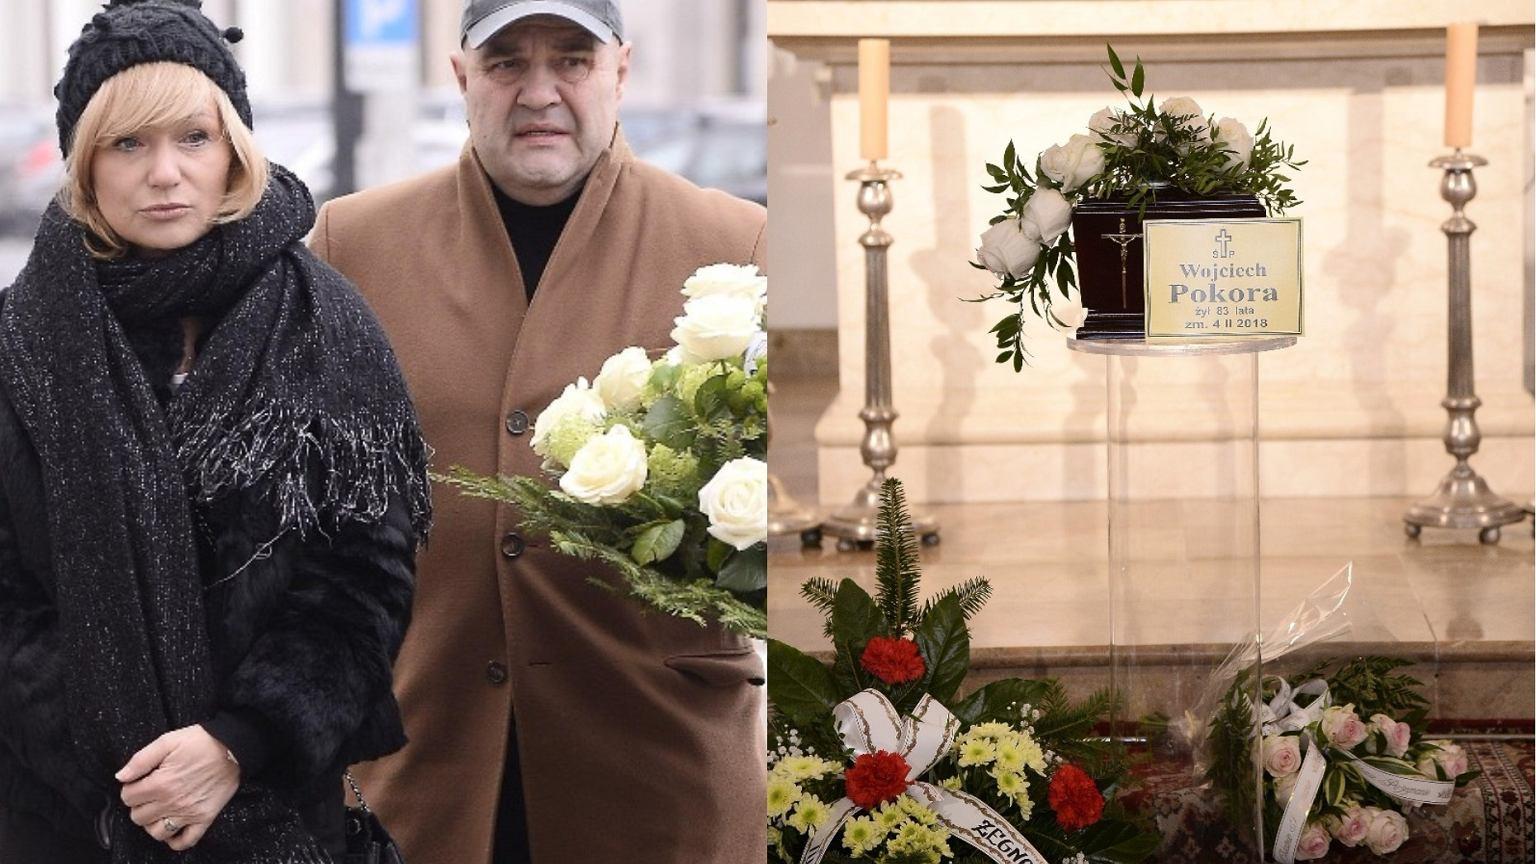 Pogrzeb Wojciecha Pokory. Mistrza żegnają m.in. Żak z żoną, Rosiewicz i Dancewicz [ZDJĘCIA]